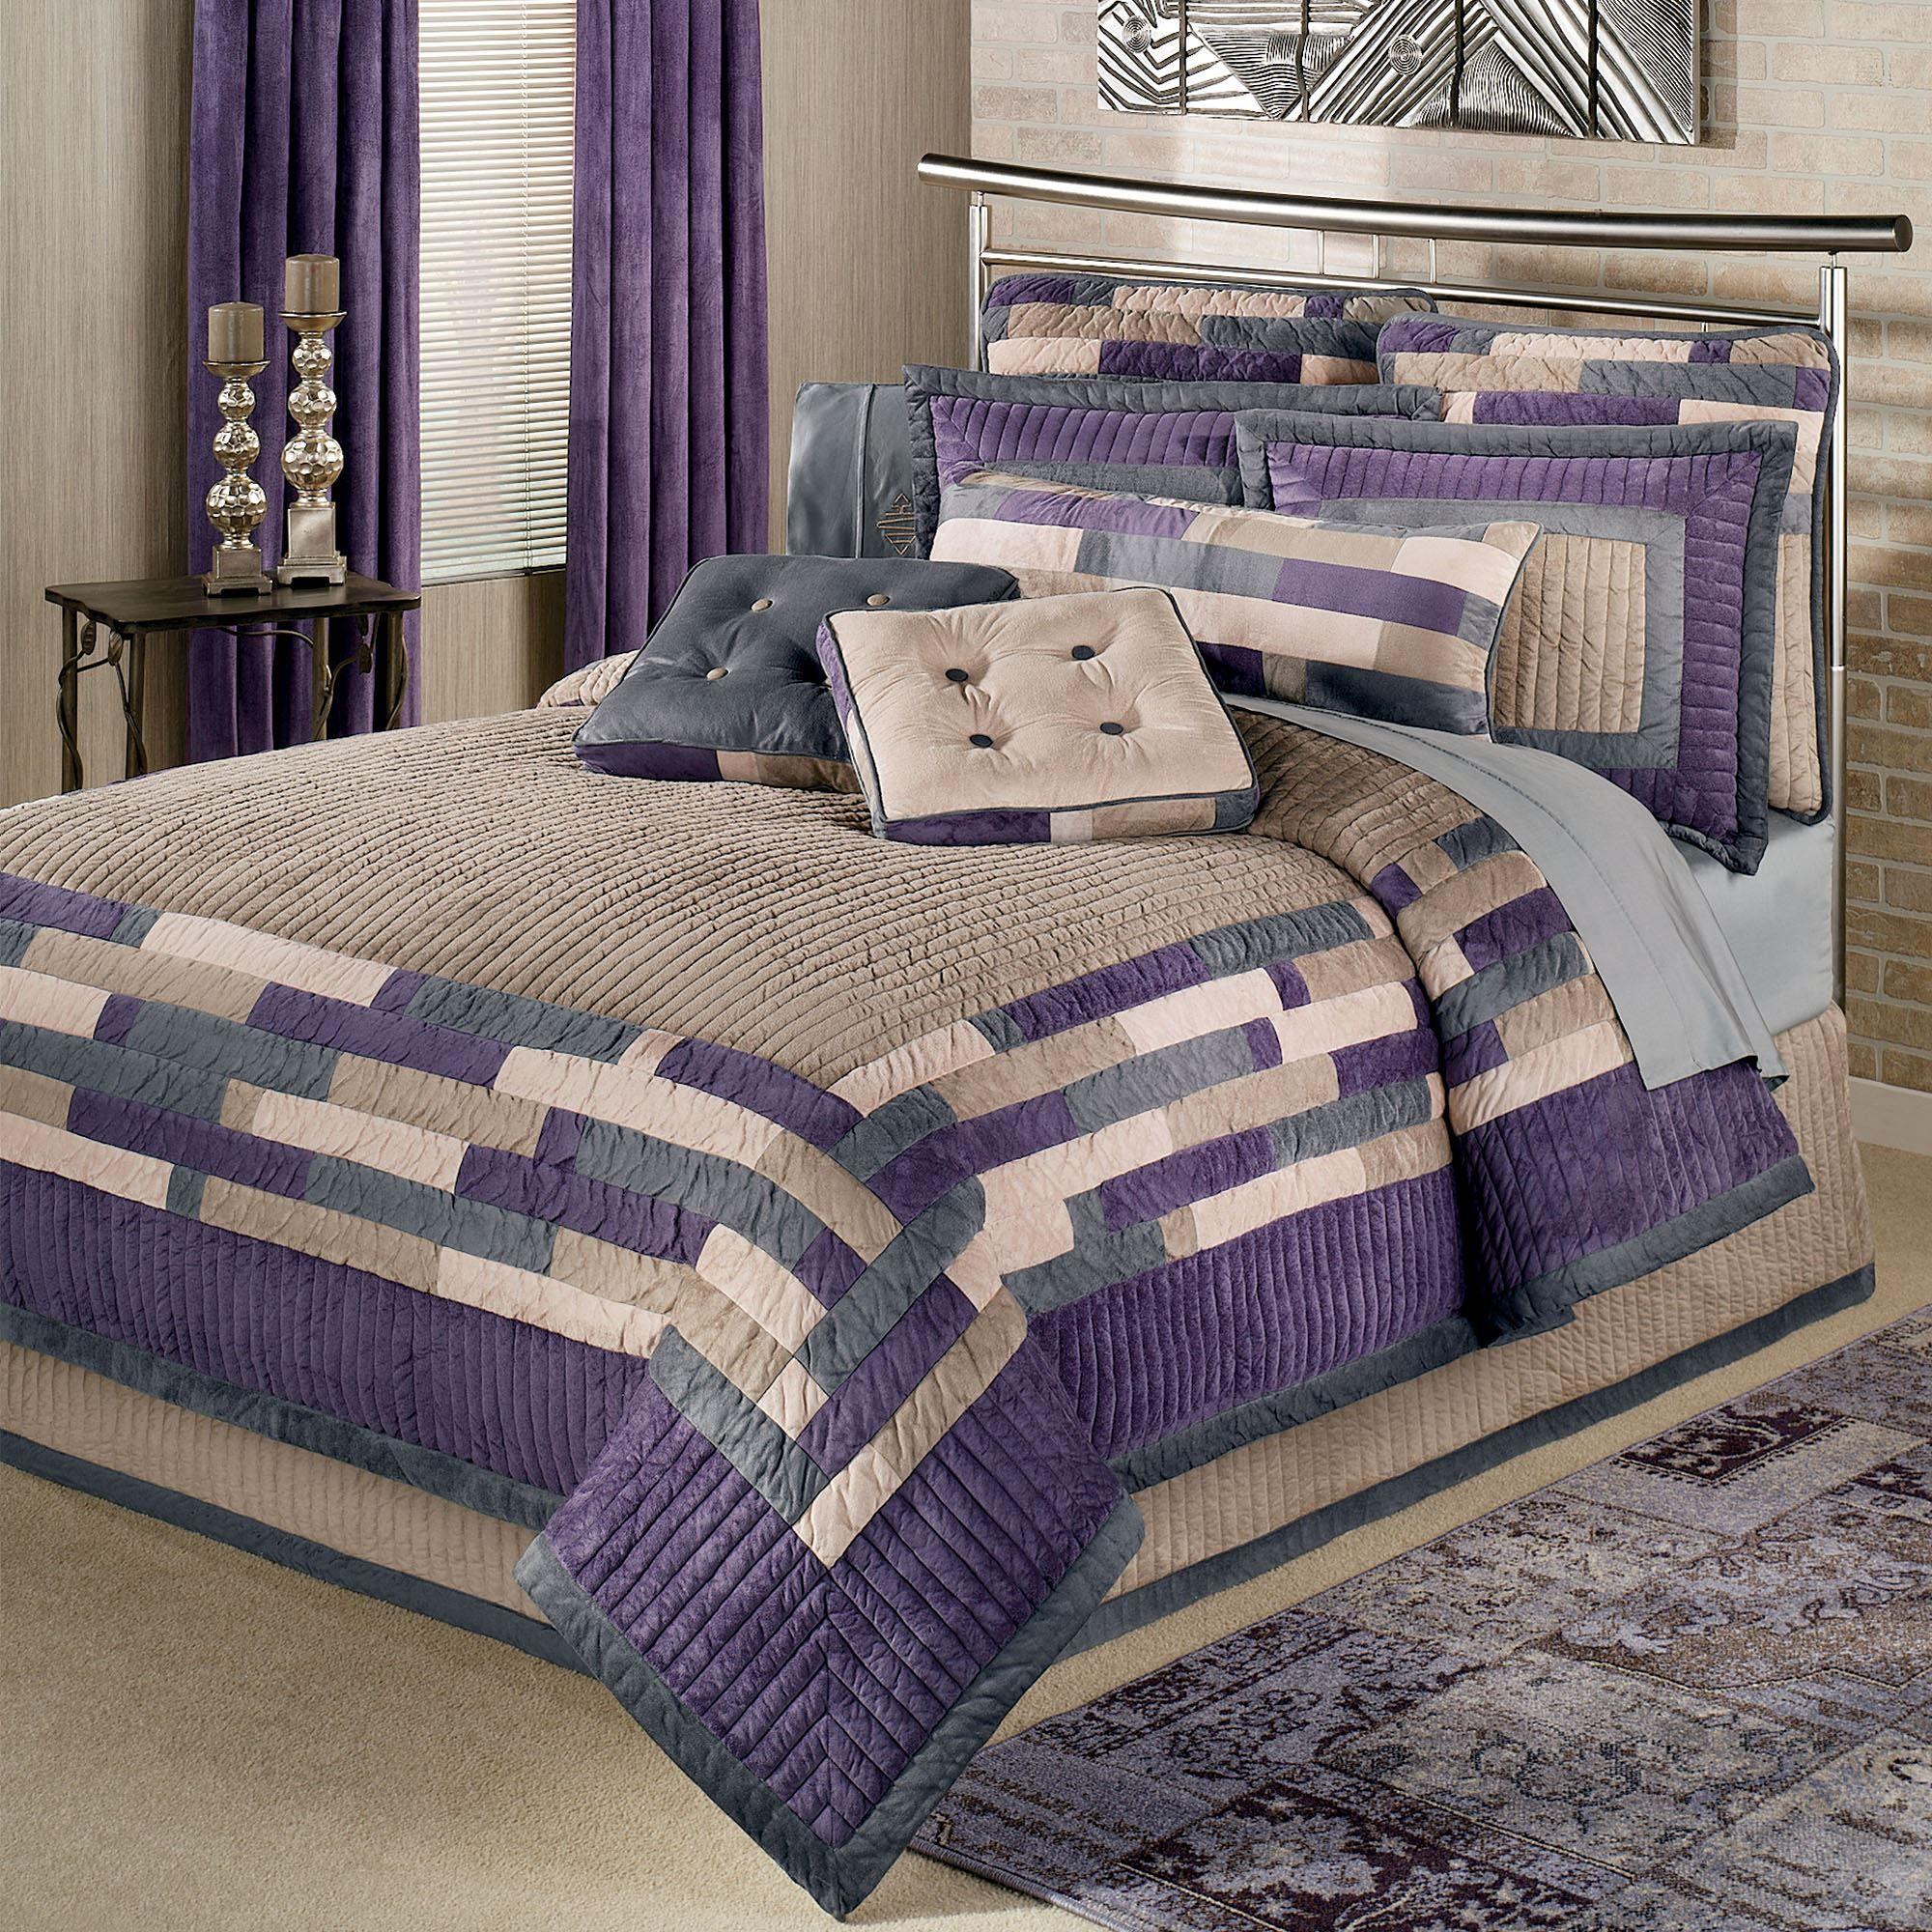 Impulse Faux Suede Duvet Coverlet Set Bedding